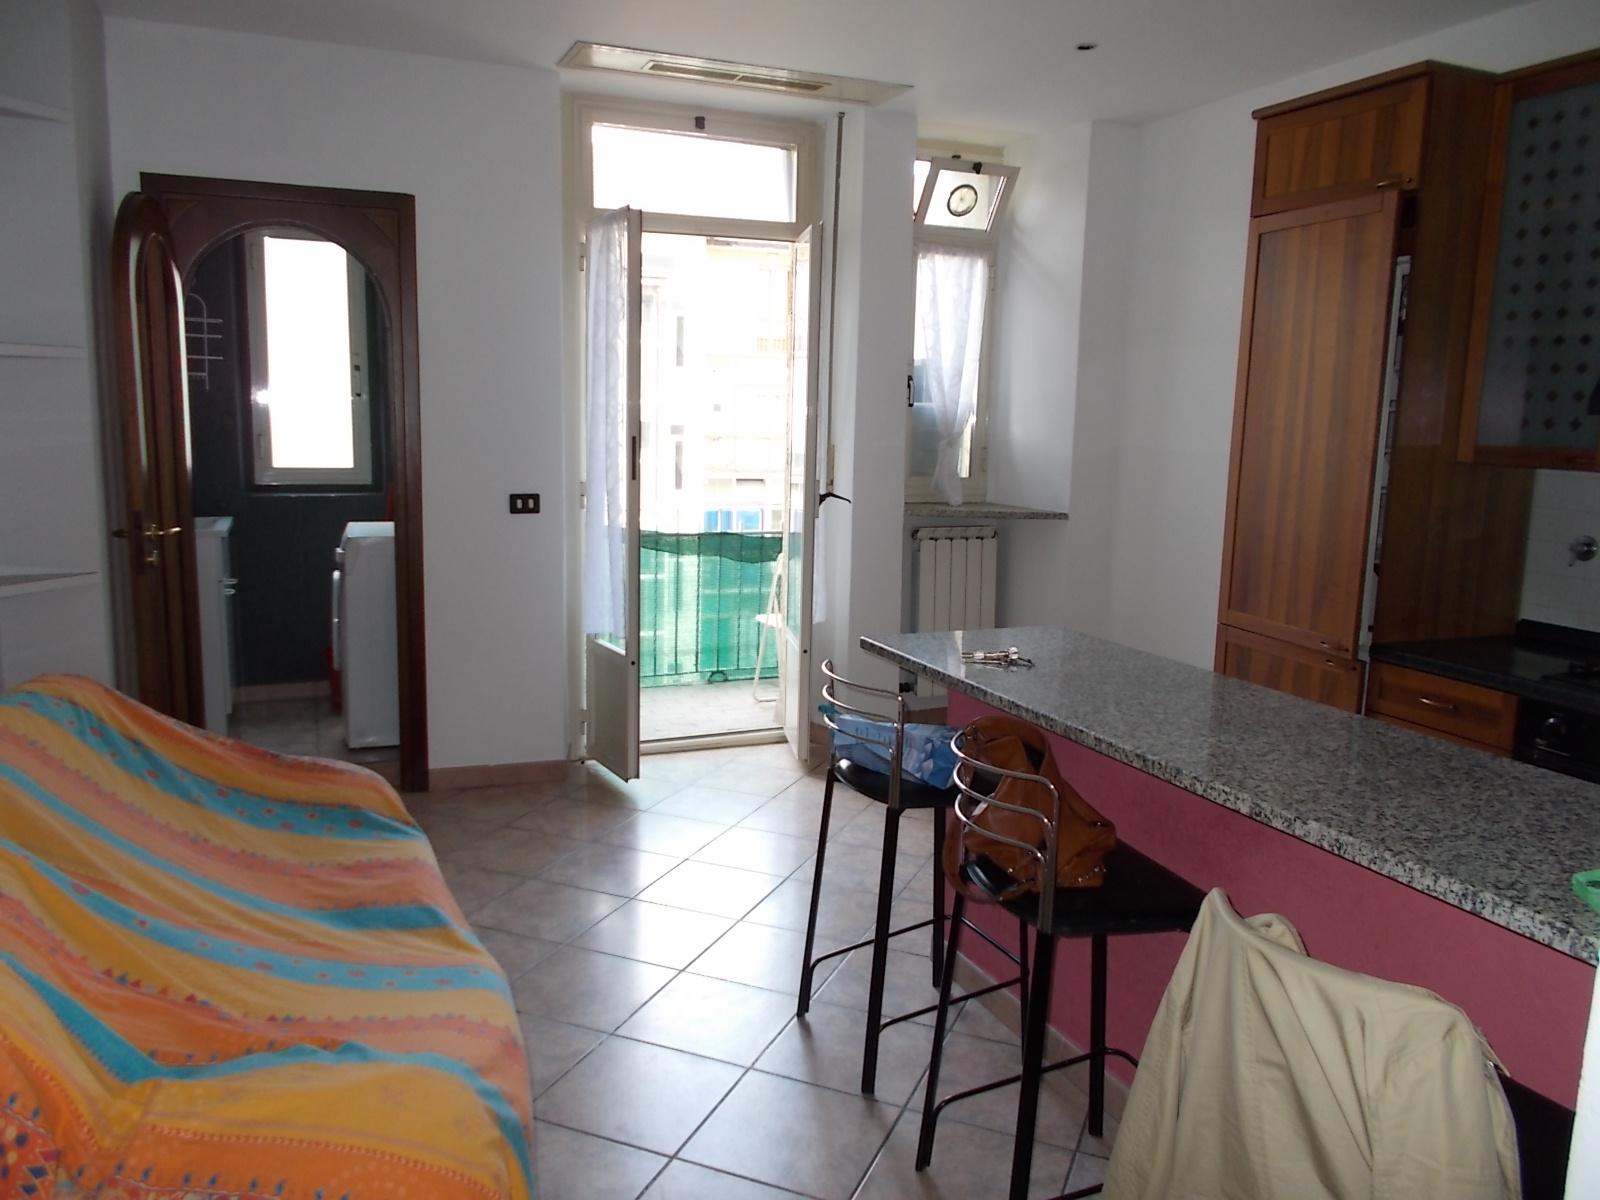 Affitto appartamento arredato bertolino immobiliare for Appartamento in affitto arredato